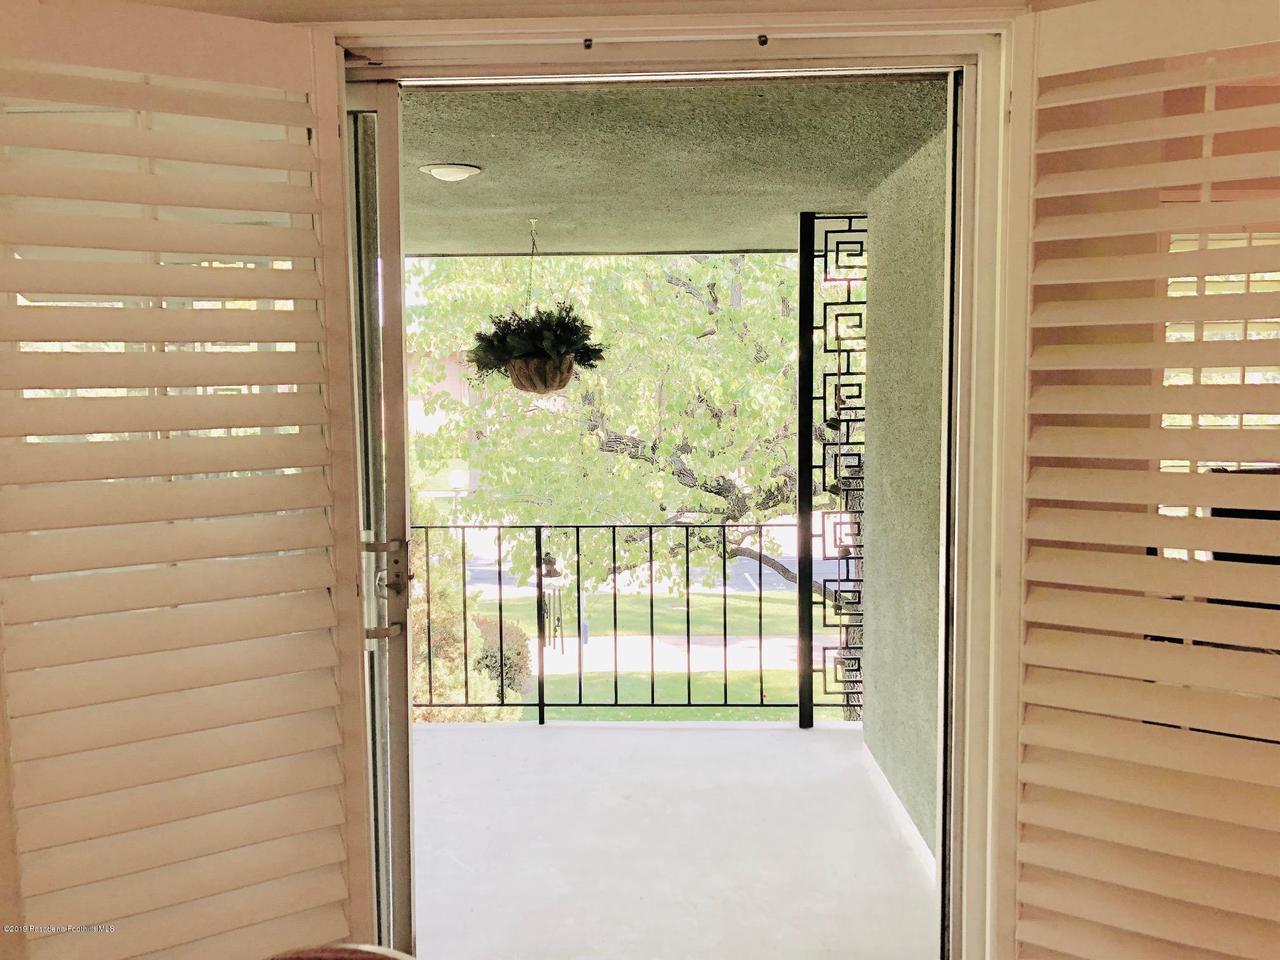 1205 ORANGE GROVE, Pasadena, CA 91105 - OG patio 1